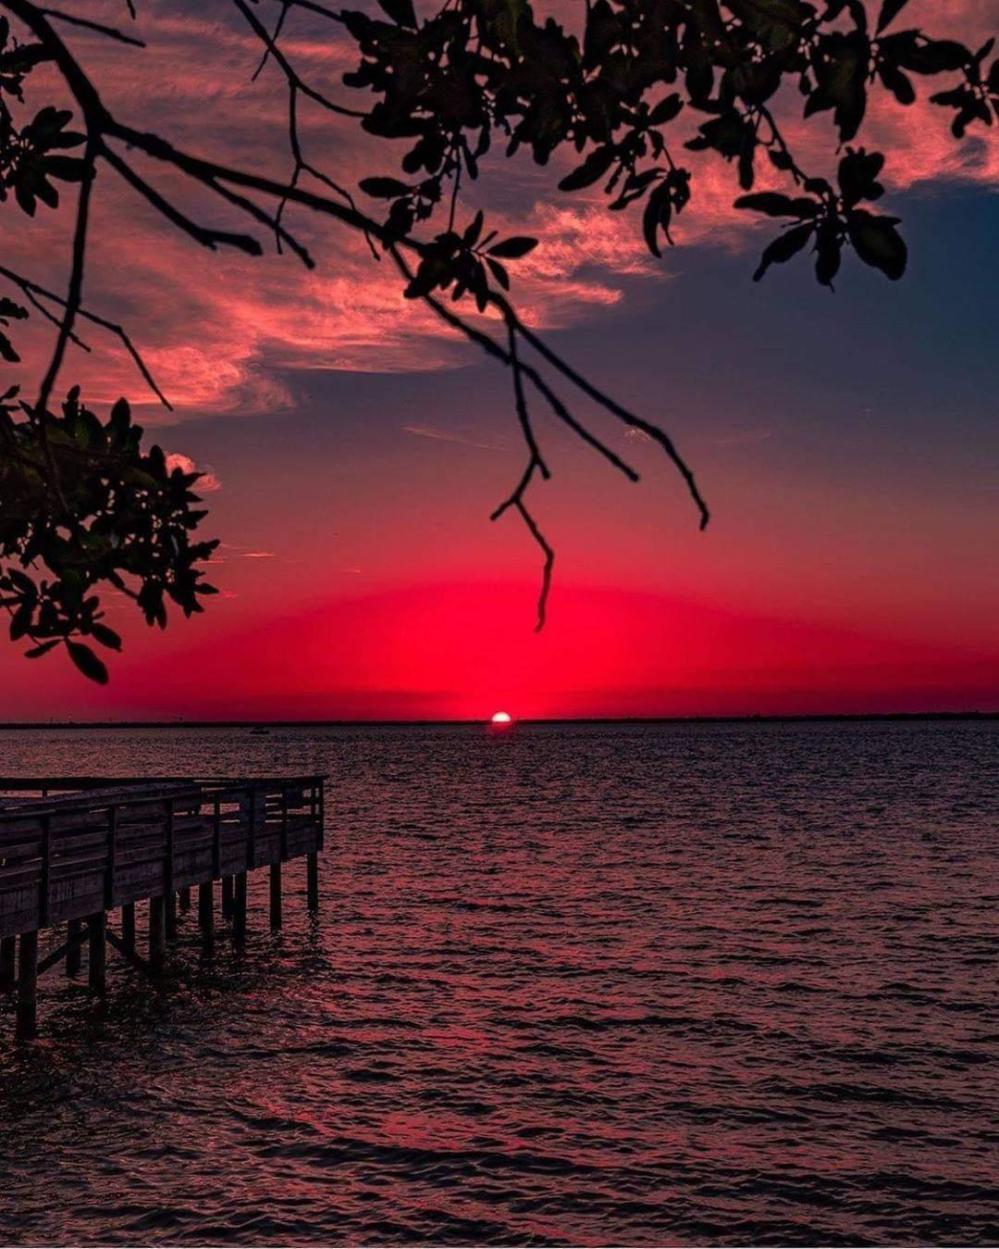 rose red sunset.jpg